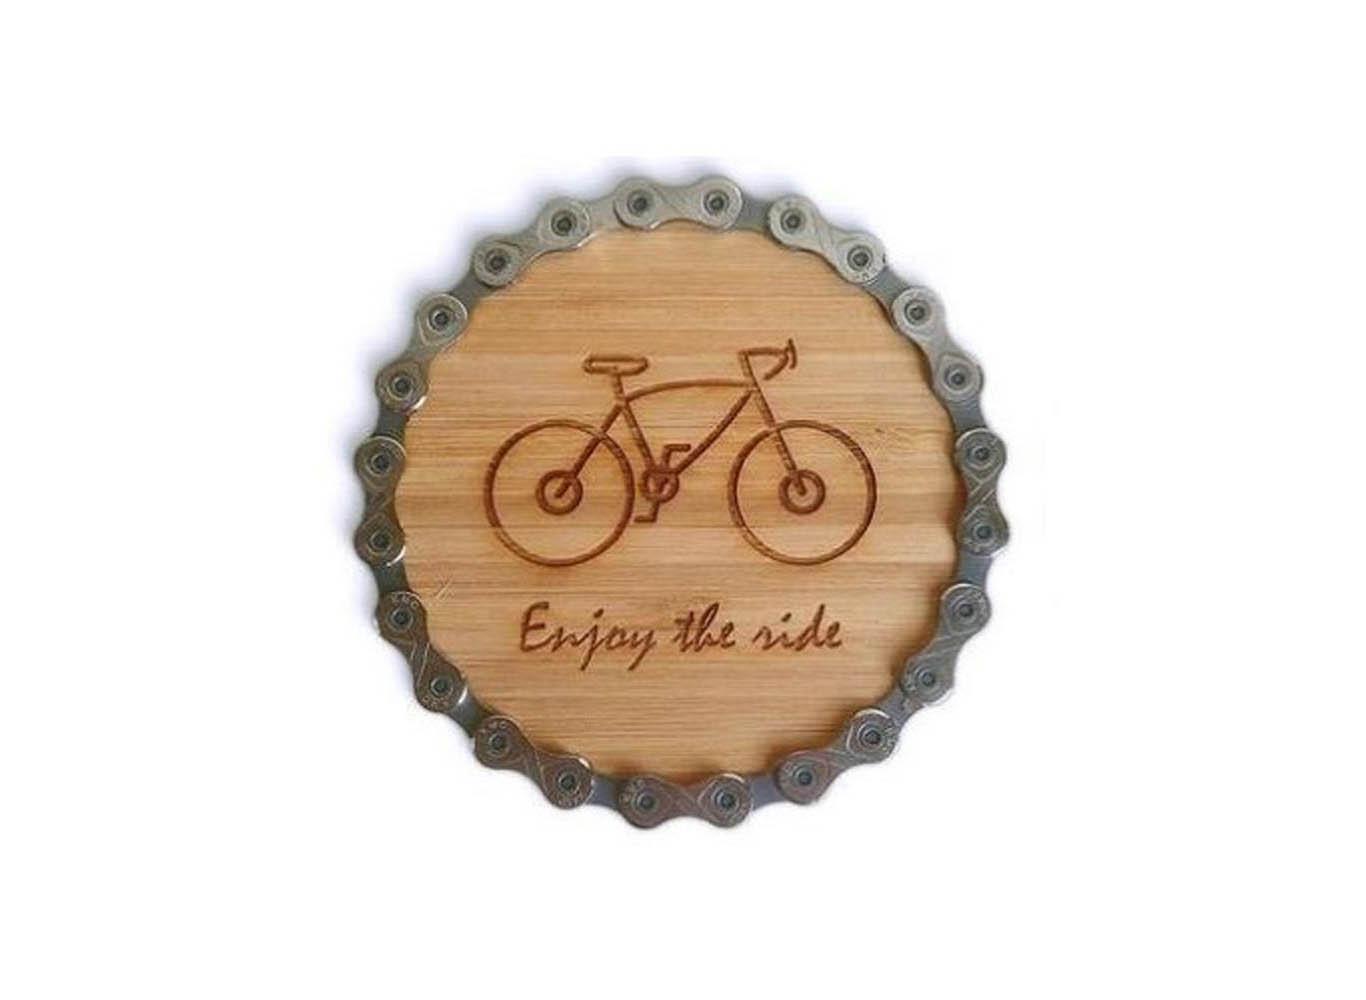 Custom Printed Bike Chain Bamboo Coaster